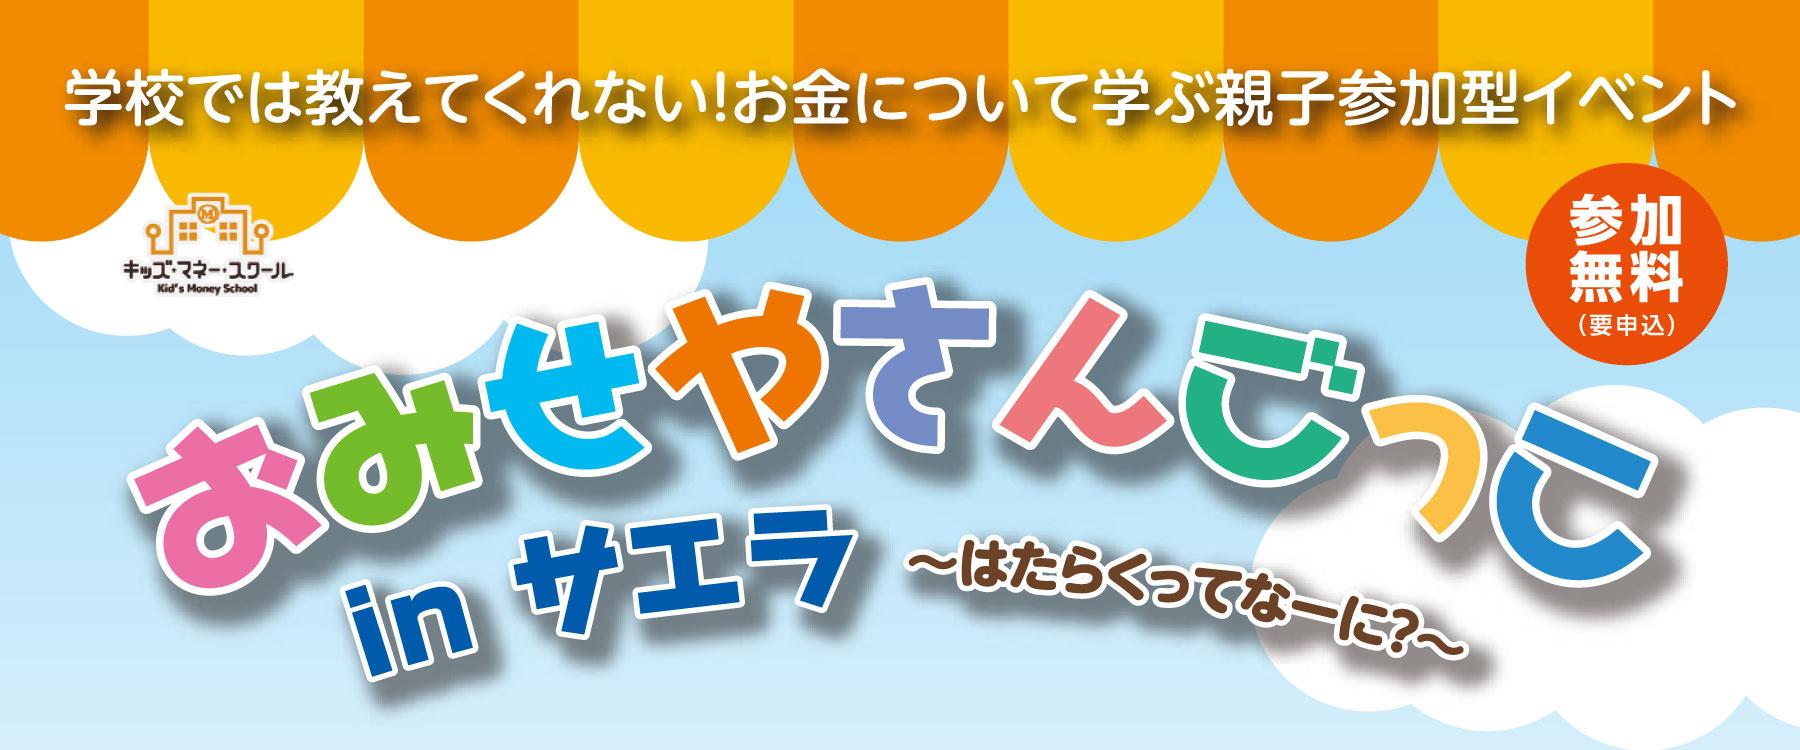 11月4日(月・休)キッズマネースクール ~おみせやさんごっこ~ in サエラ